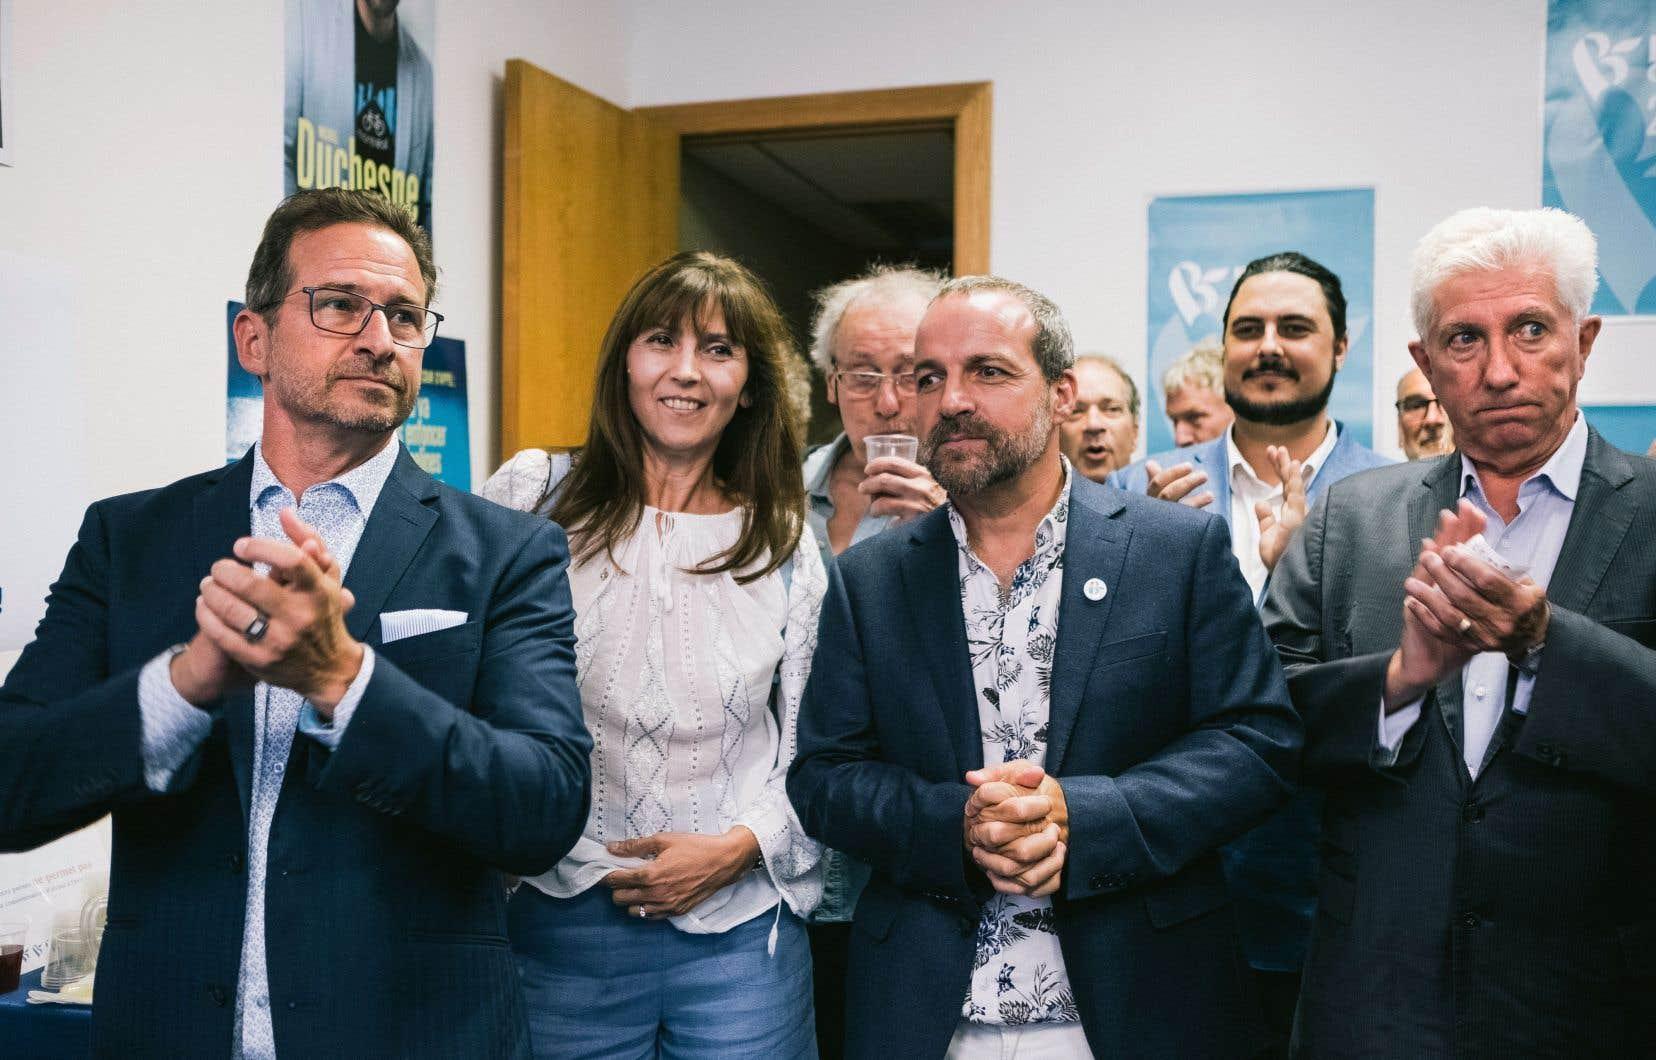 Le candidat du du Bloc québécois dans Laurier-Sainte-Marie, Michel Duchesne, était entouré pour l'inauguration de son local de son chef Yves-François Blanchet, et de l'ancien chef du parti, Gilles Duceppe.